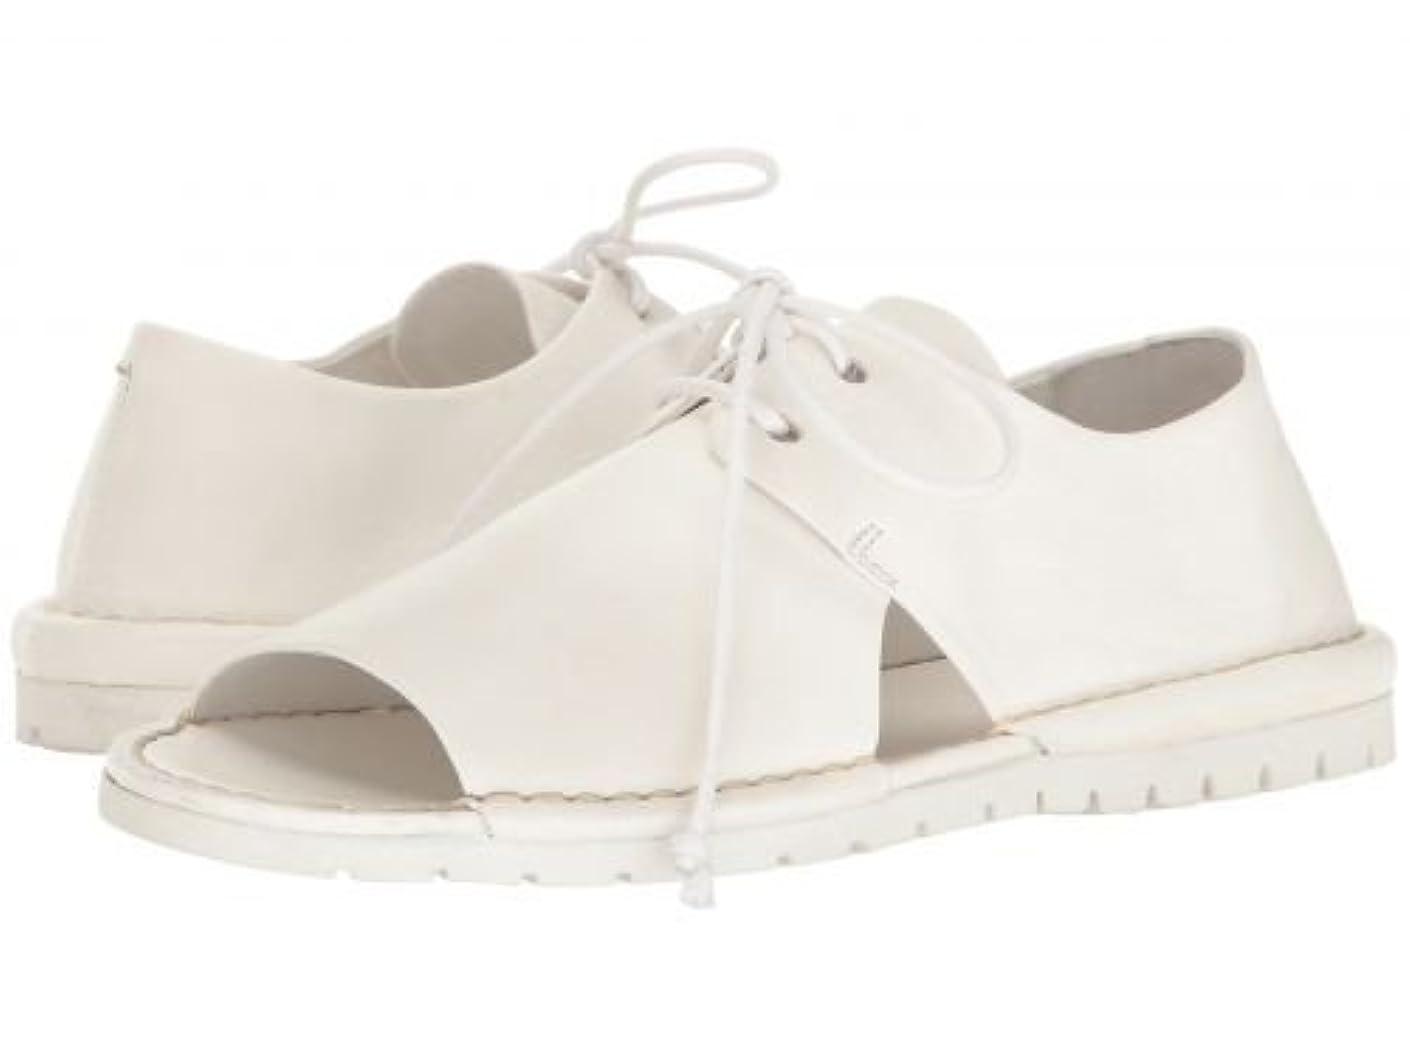 はっきりしないクロールレディMarsell(マーセル) レディース 女性用 シューズ 靴 オックスフォード 紳士靴 通勤靴 Open Toe Oxford - White [並行輸入品]